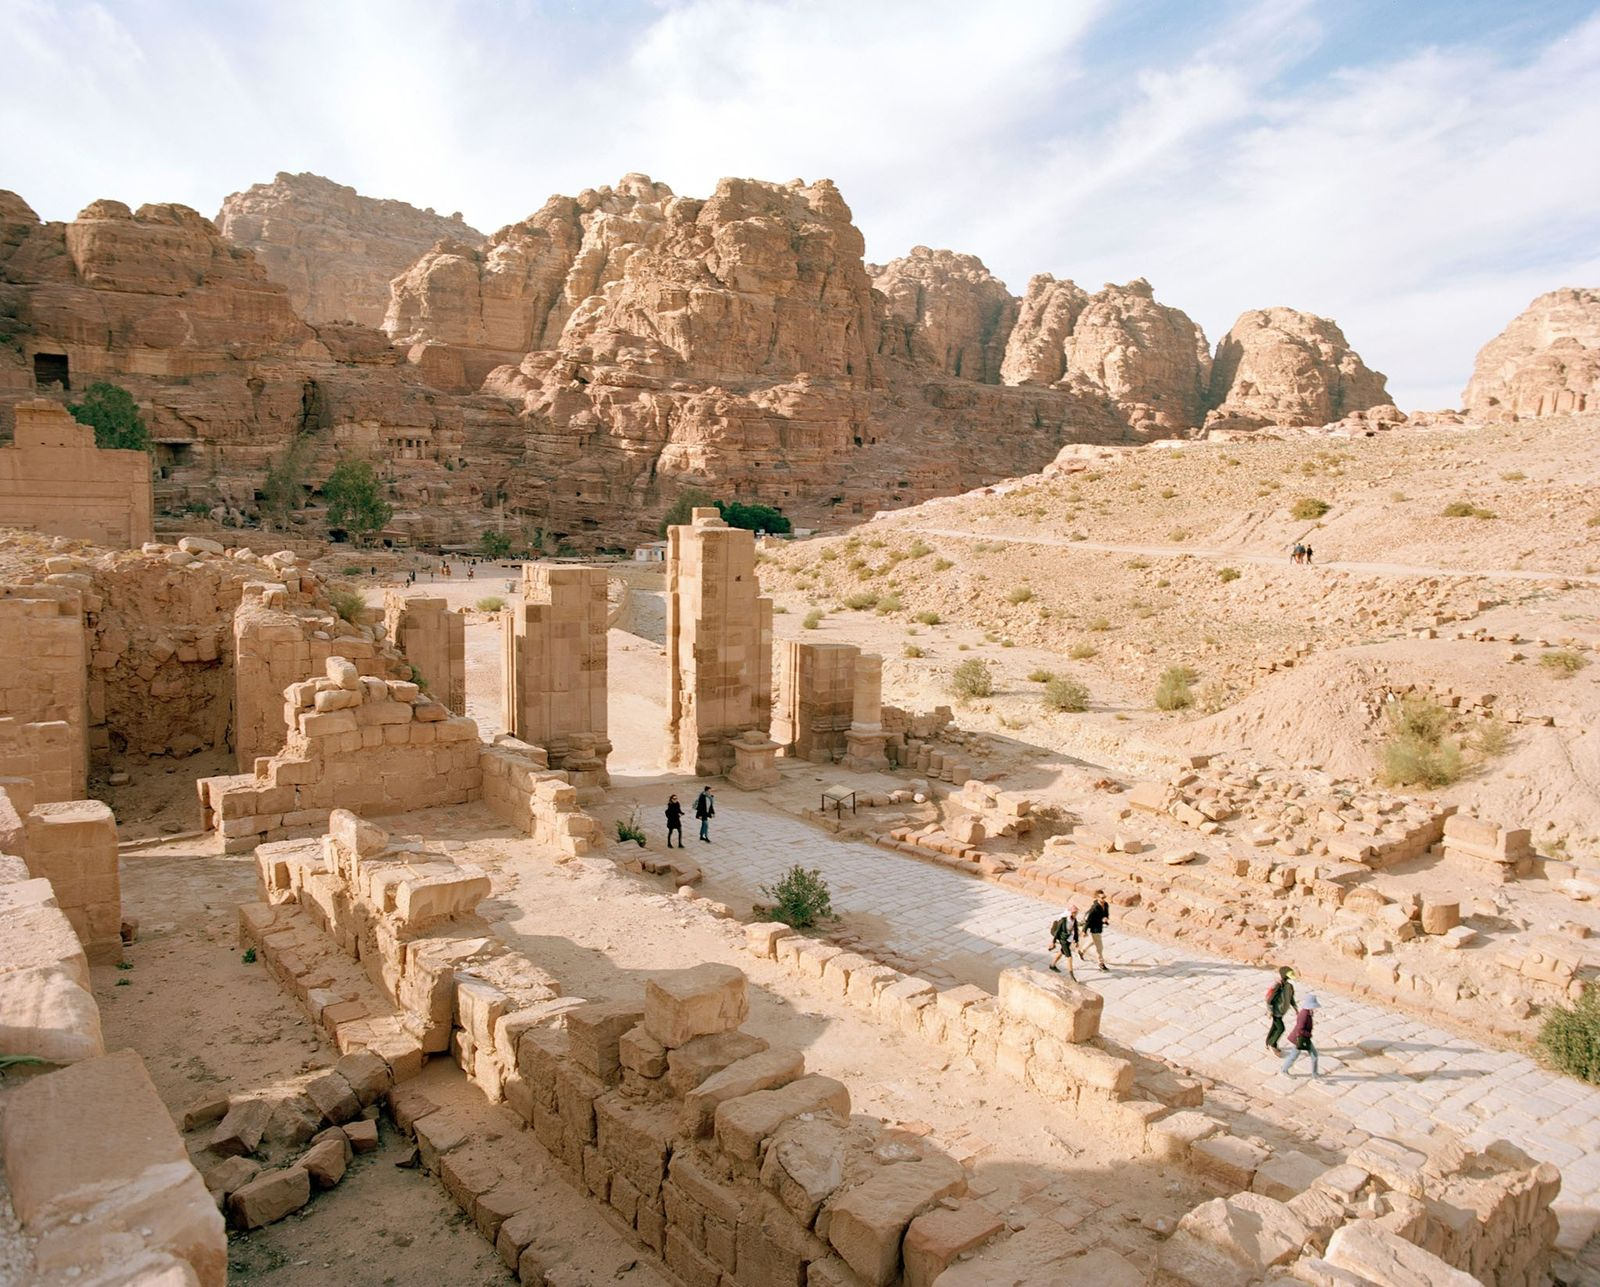 En Jordanie, ce sentier mythique relie Pétra à la mer Rouge